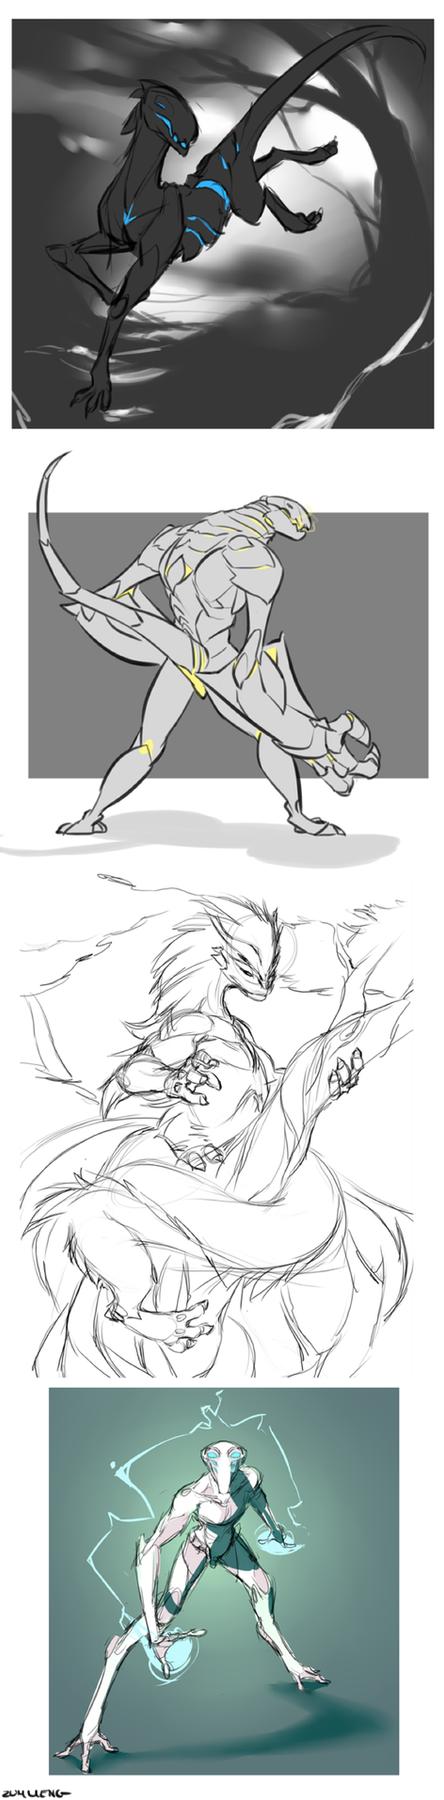 Random sketches by Zummeng